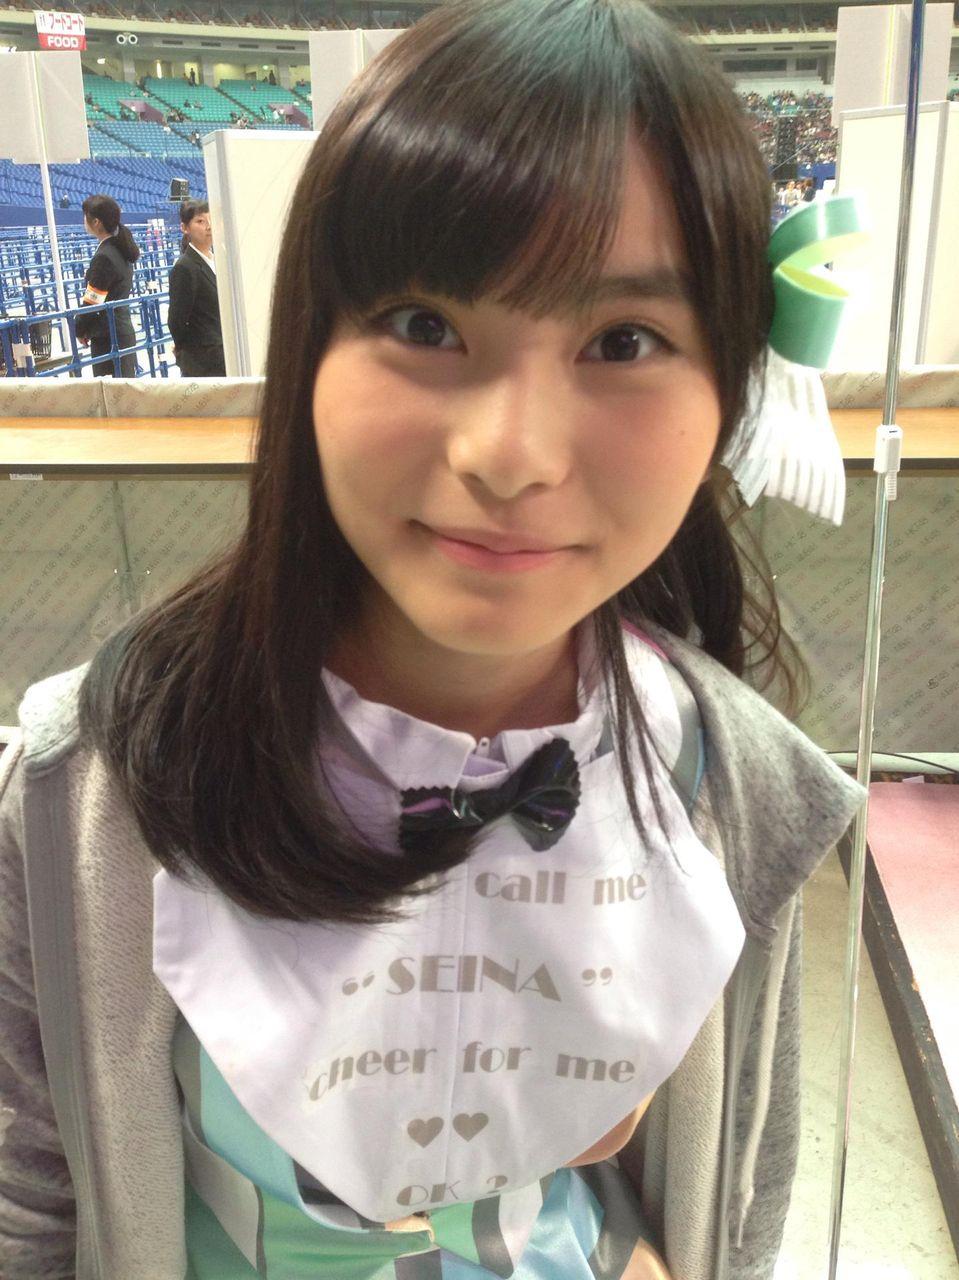 【画像7枚】福岡聖菜ちゃんのおっぱいボインボインwwwwwwwwwwwwwww